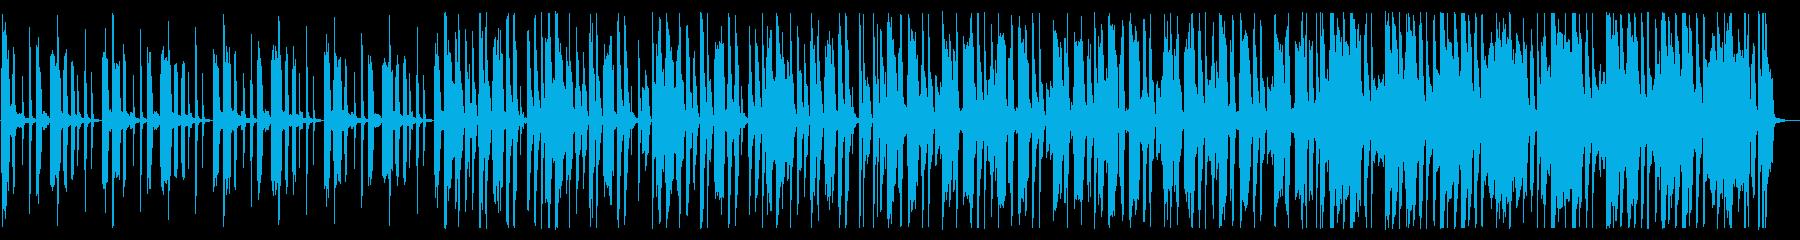 不思議/シンプル/R&B_No469_2の再生済みの波形